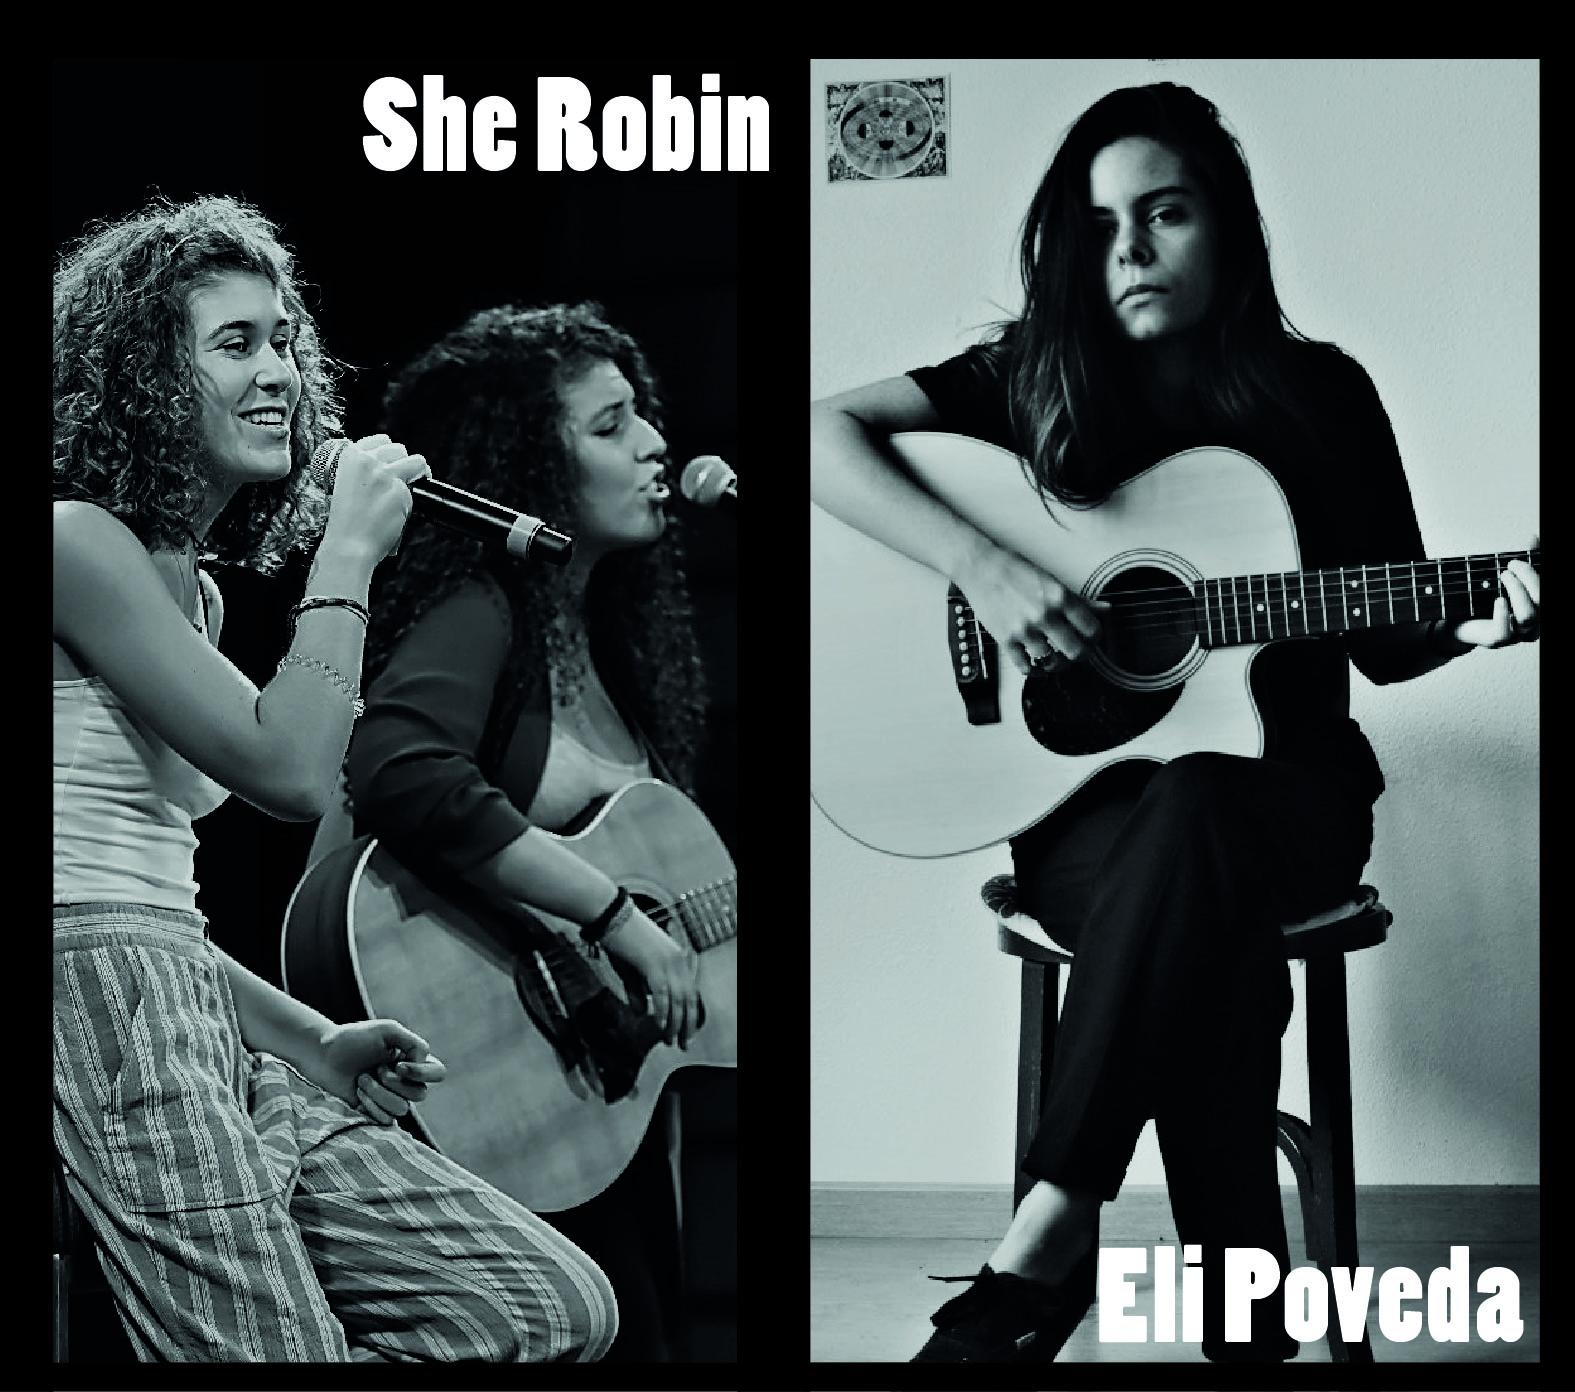 FOTOS EVENTOS She Robin y Eli Poveda nombres-01-01